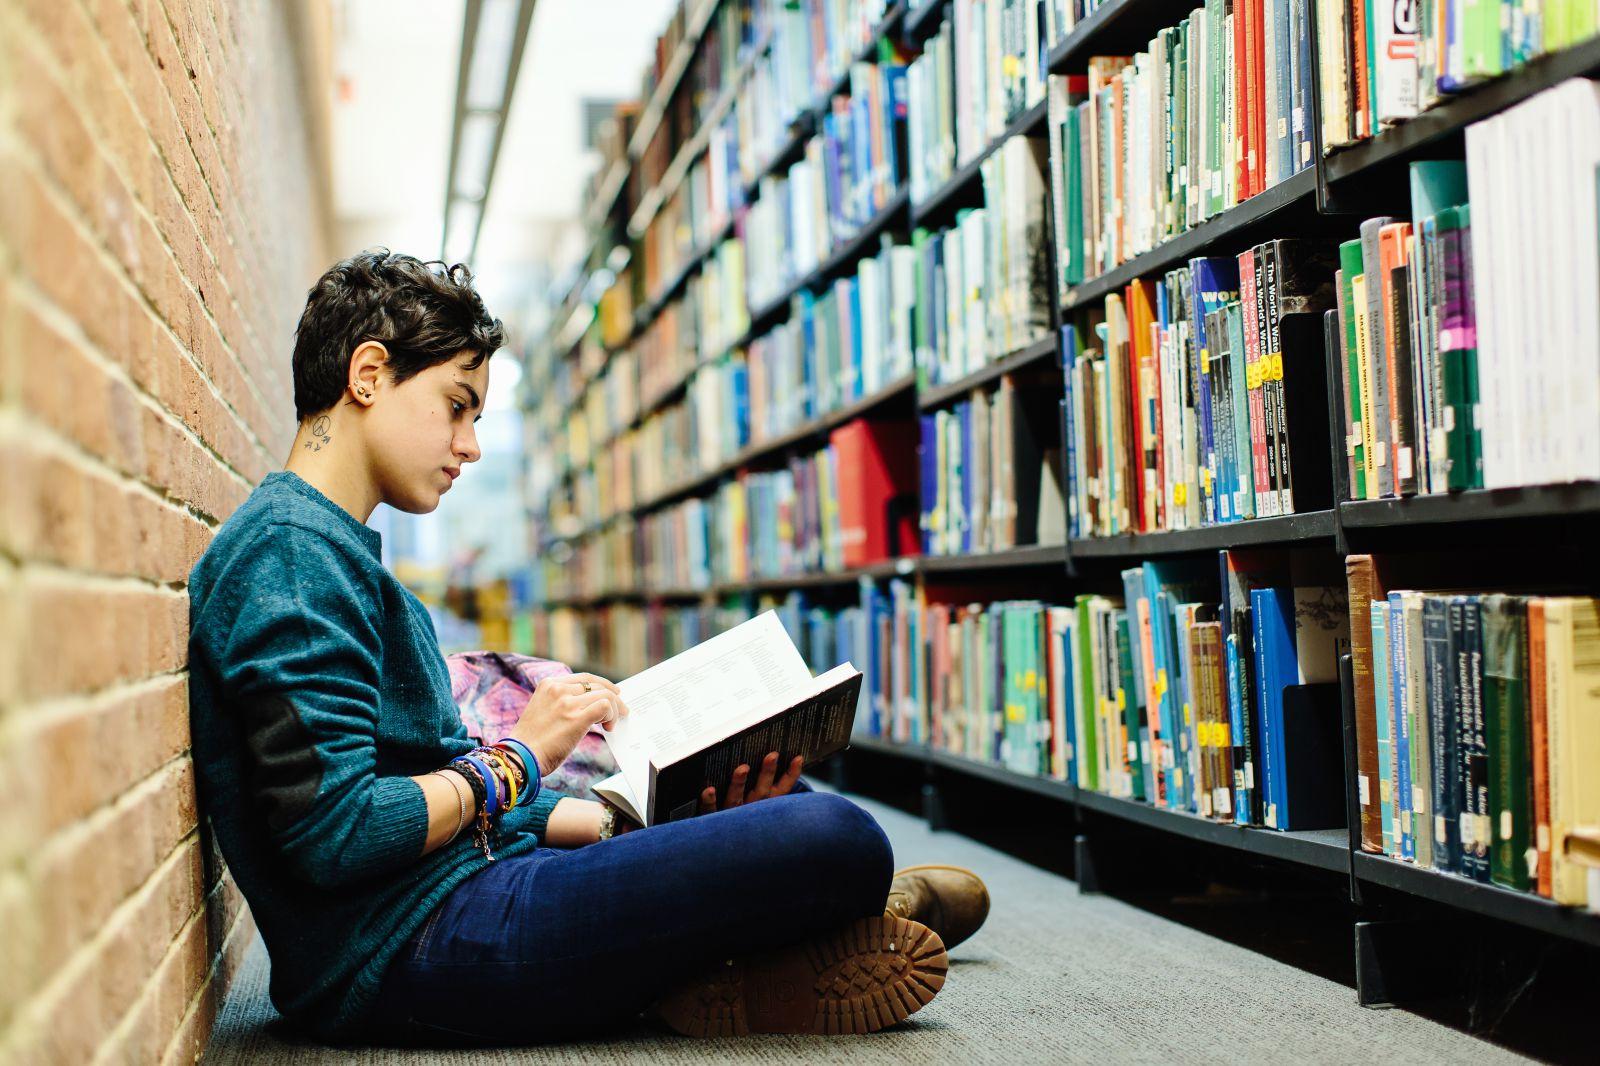 Resultado de imagen para study university